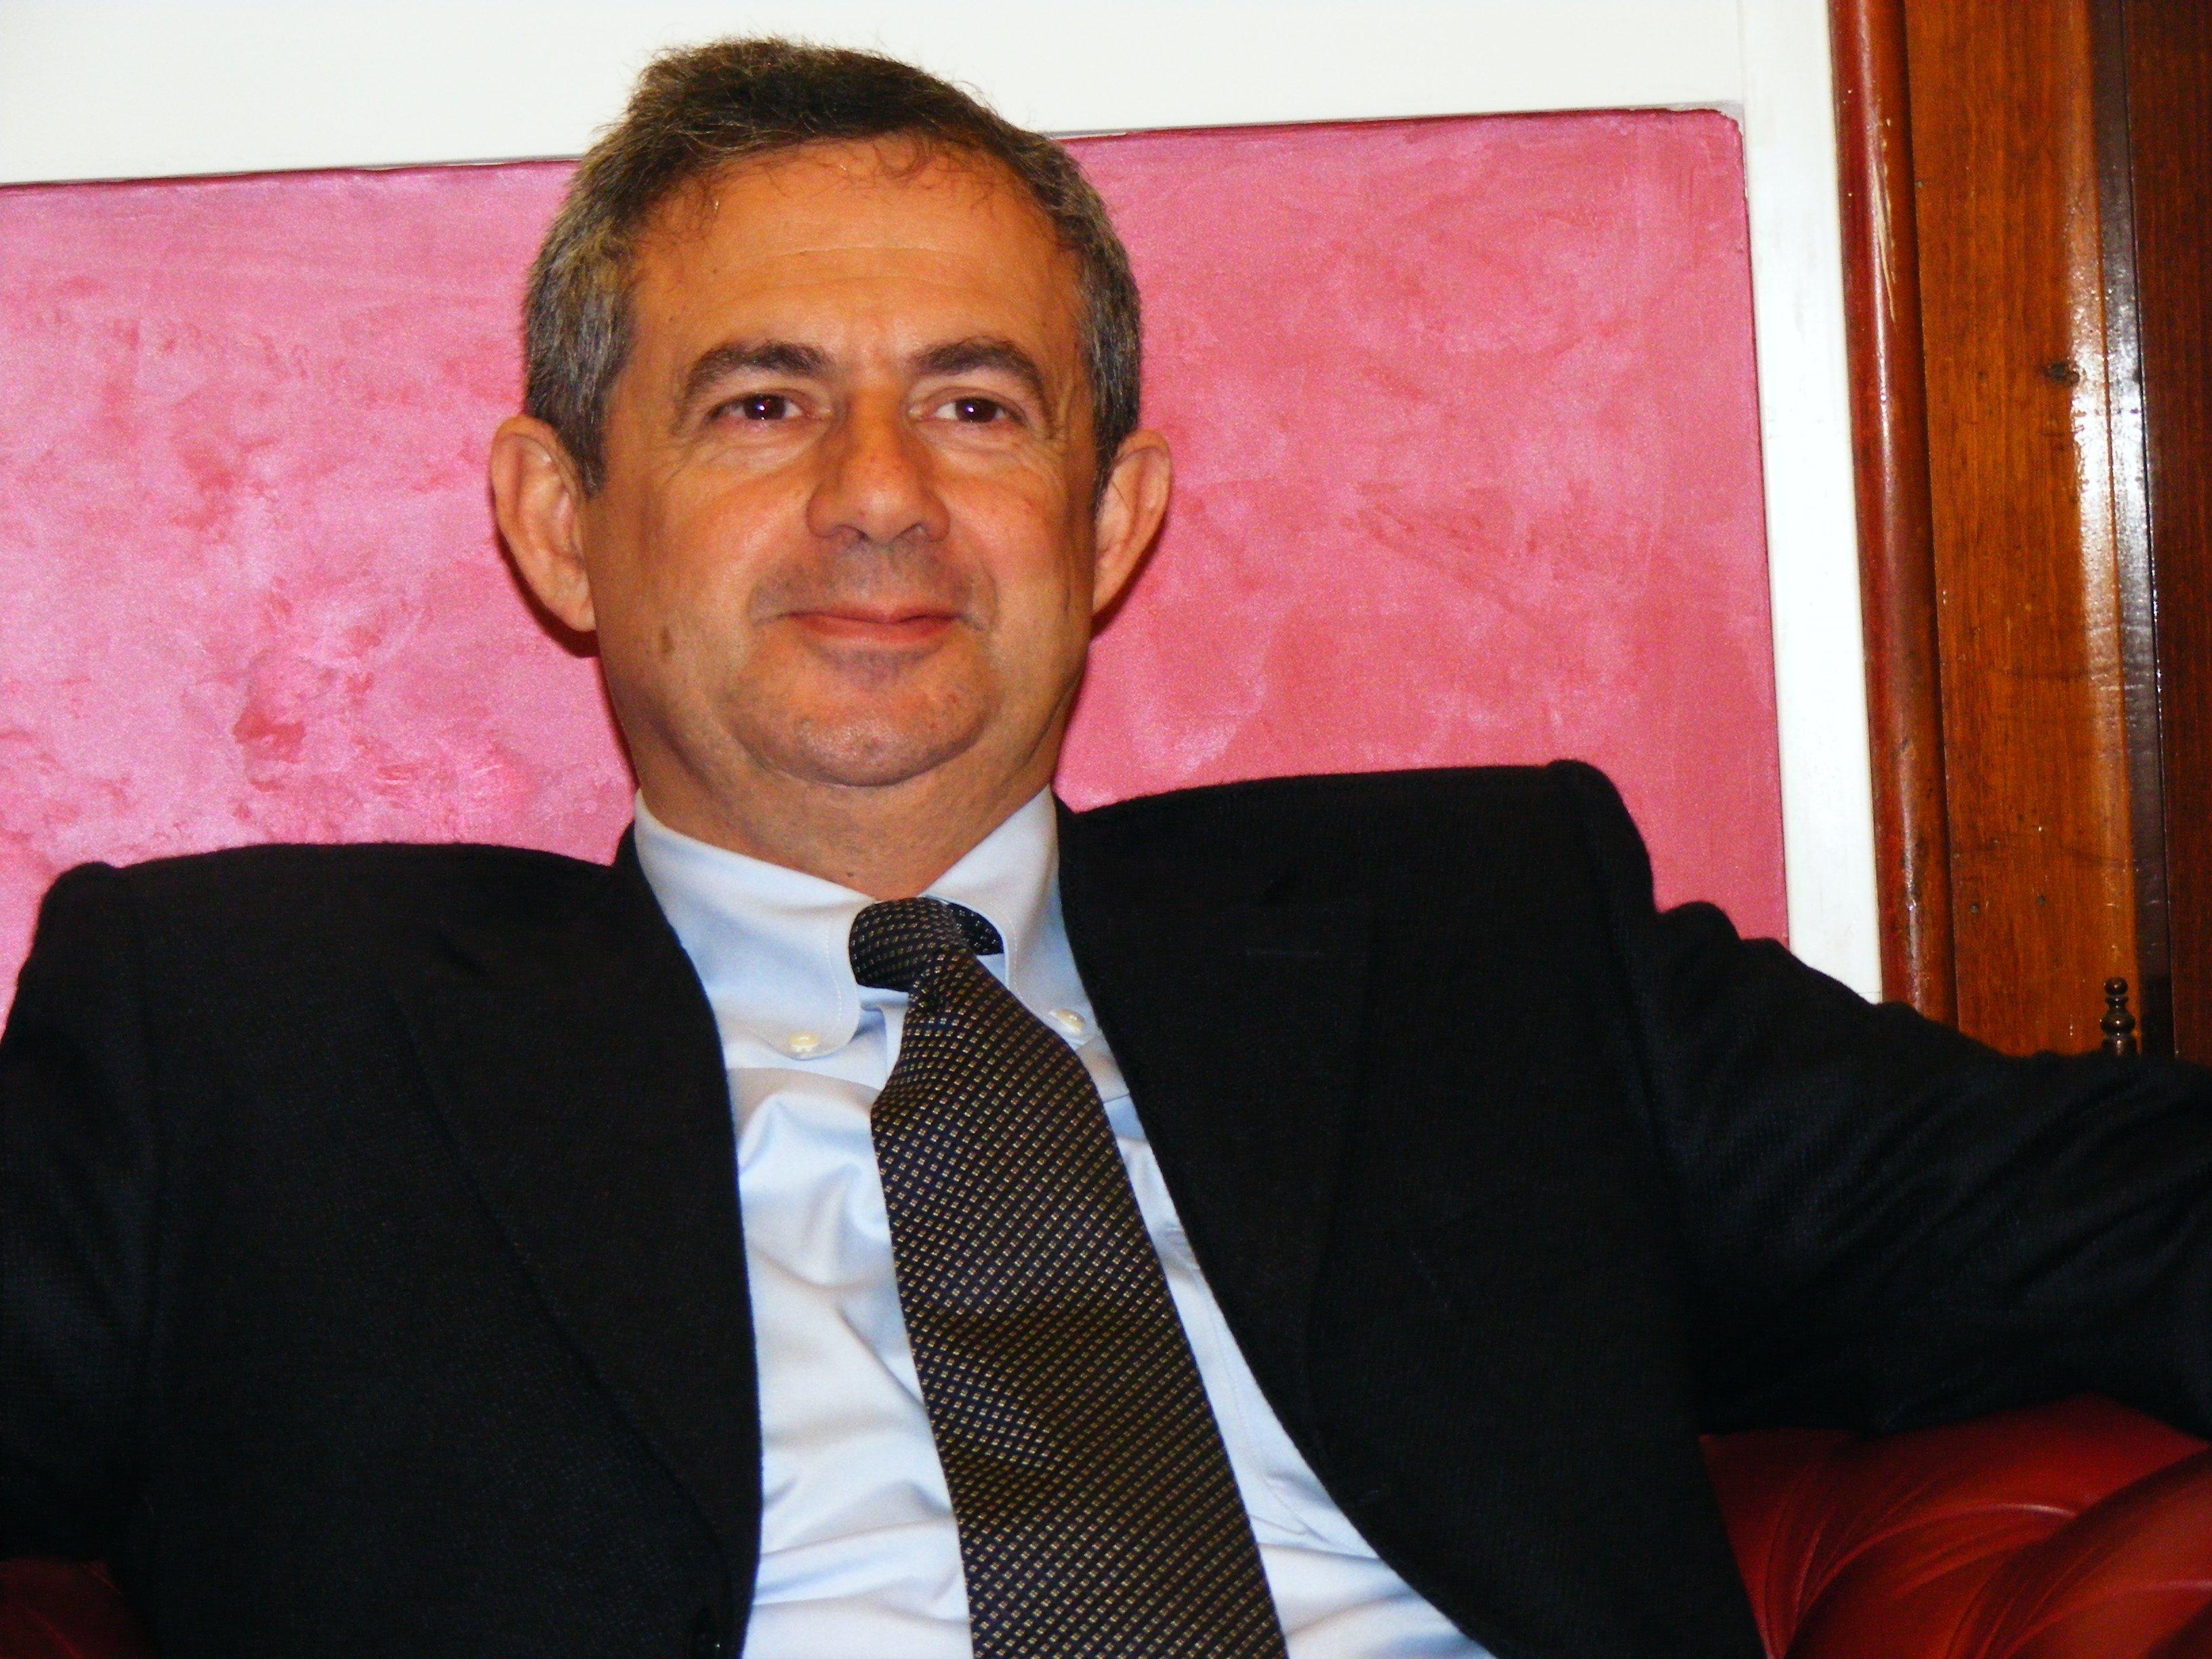 Sgarbi chiede alla Ministra Cartabia la libertà per avvocato di Agrigento